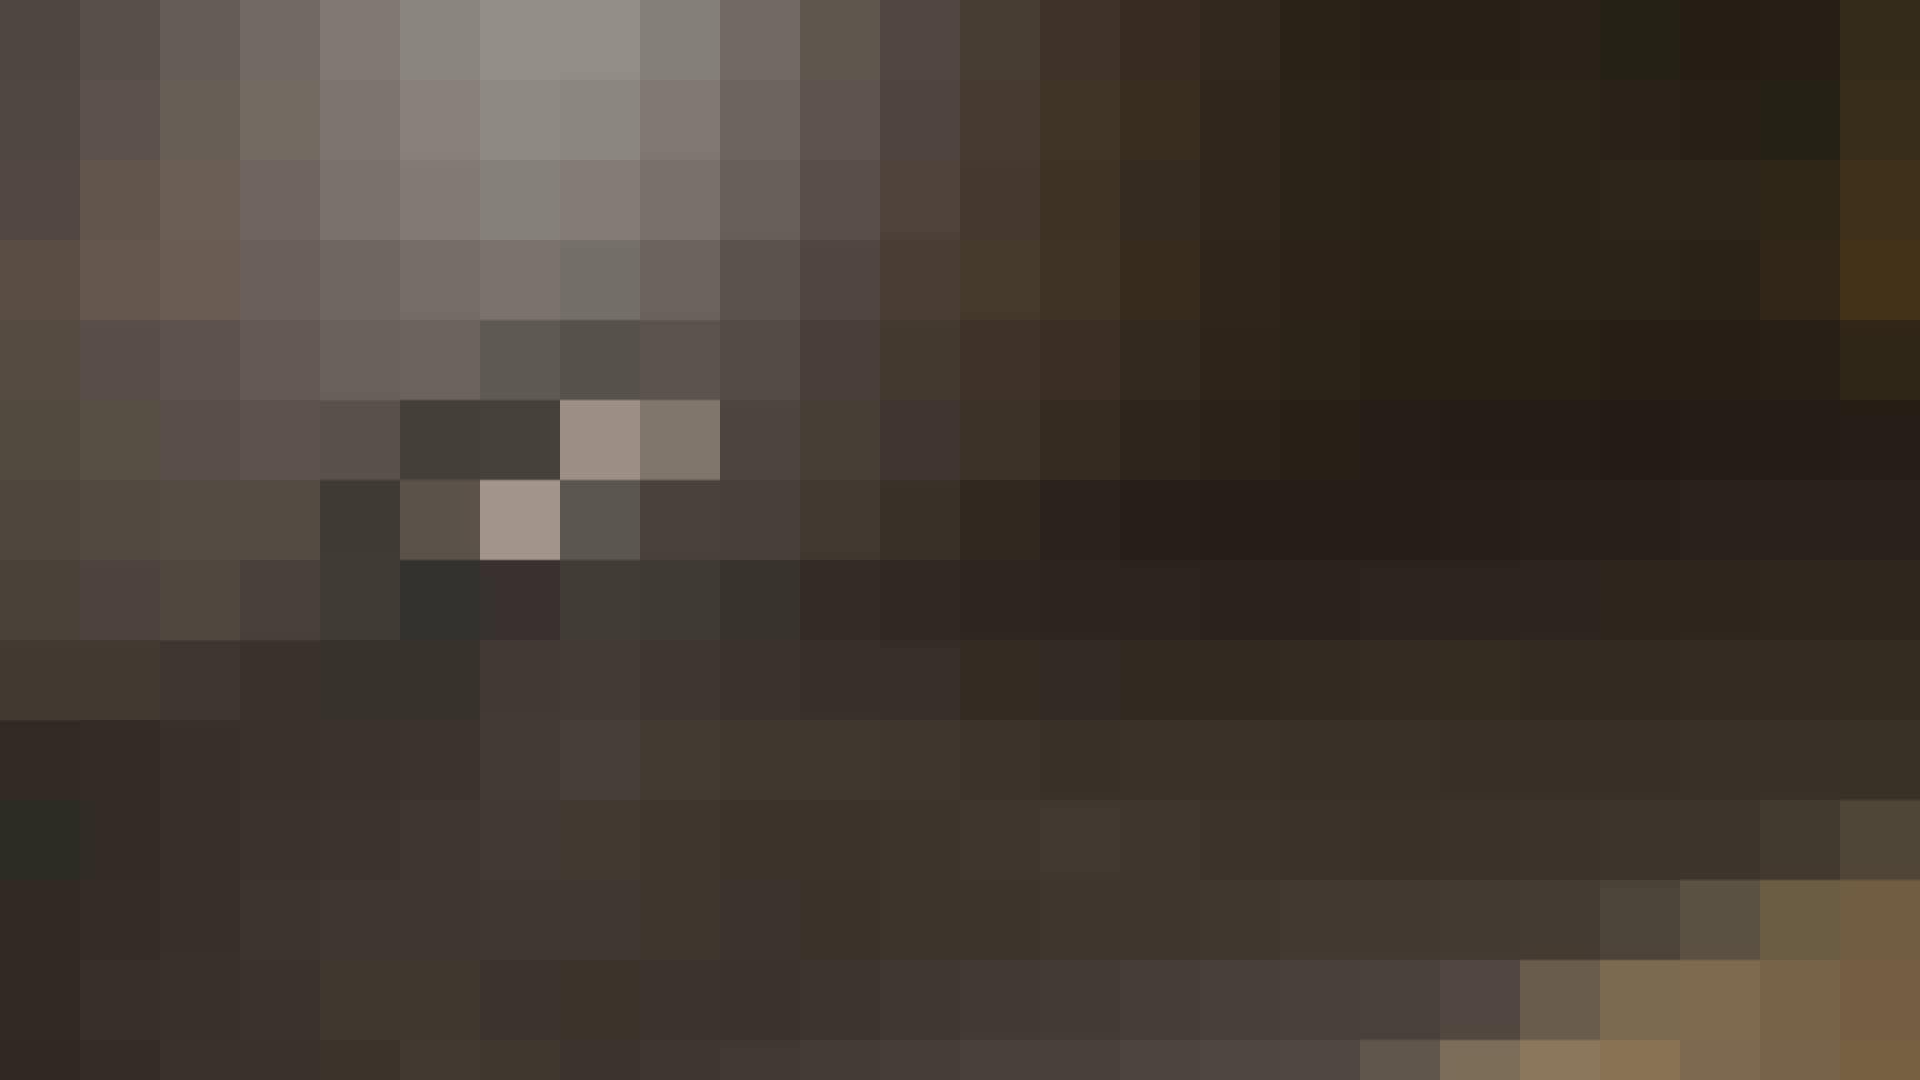 阿国ちゃんの「和式洋式七変化」No.16 高画質 濡れ場動画紹介 102枚 53